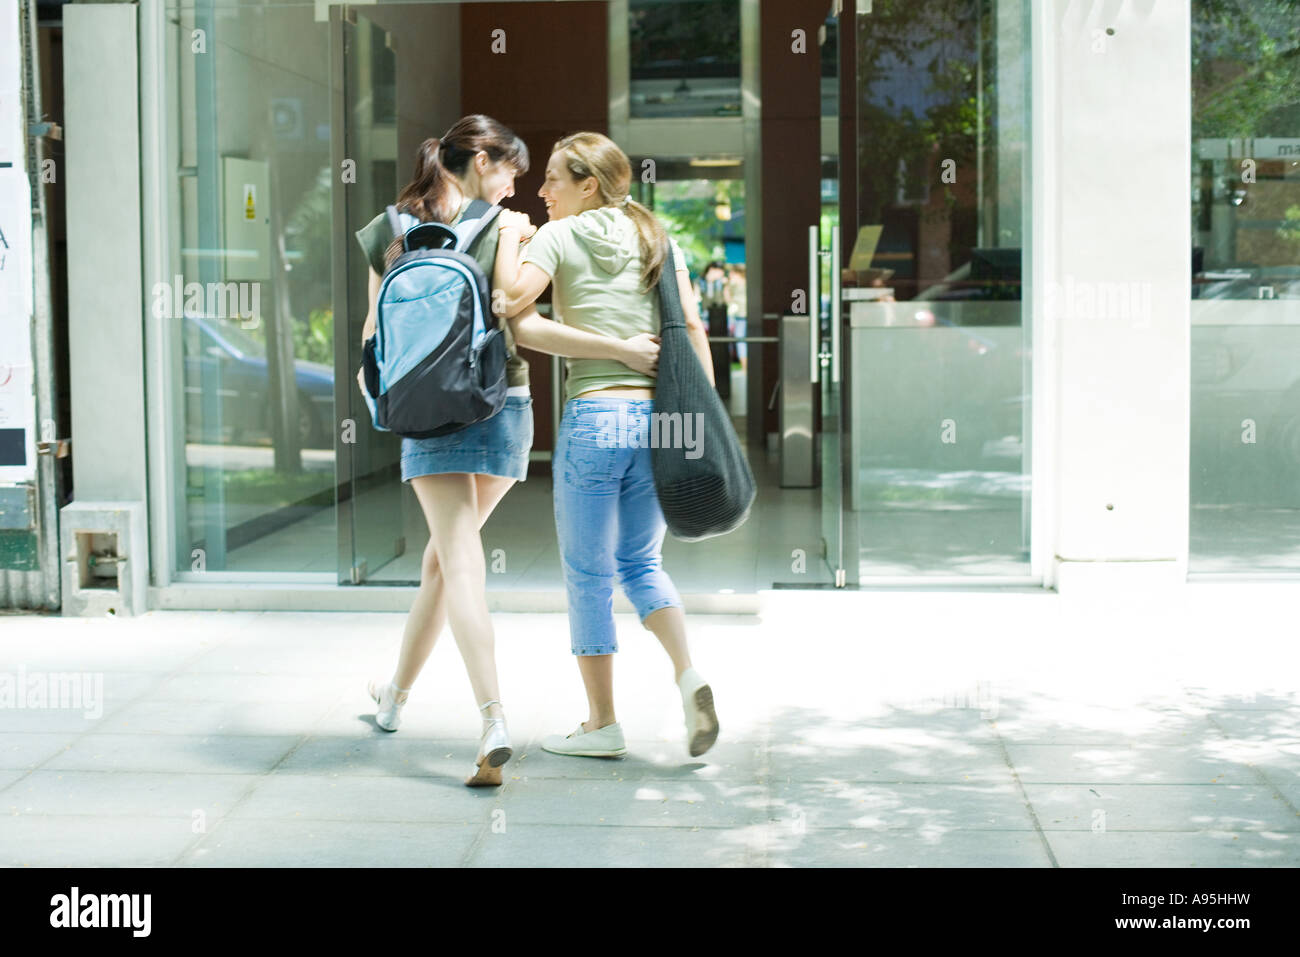 Dos jóvenes mujeres que caminan hacia la puerta juntos, los brazos alrededor de cada una de las otras Imagen De Stock